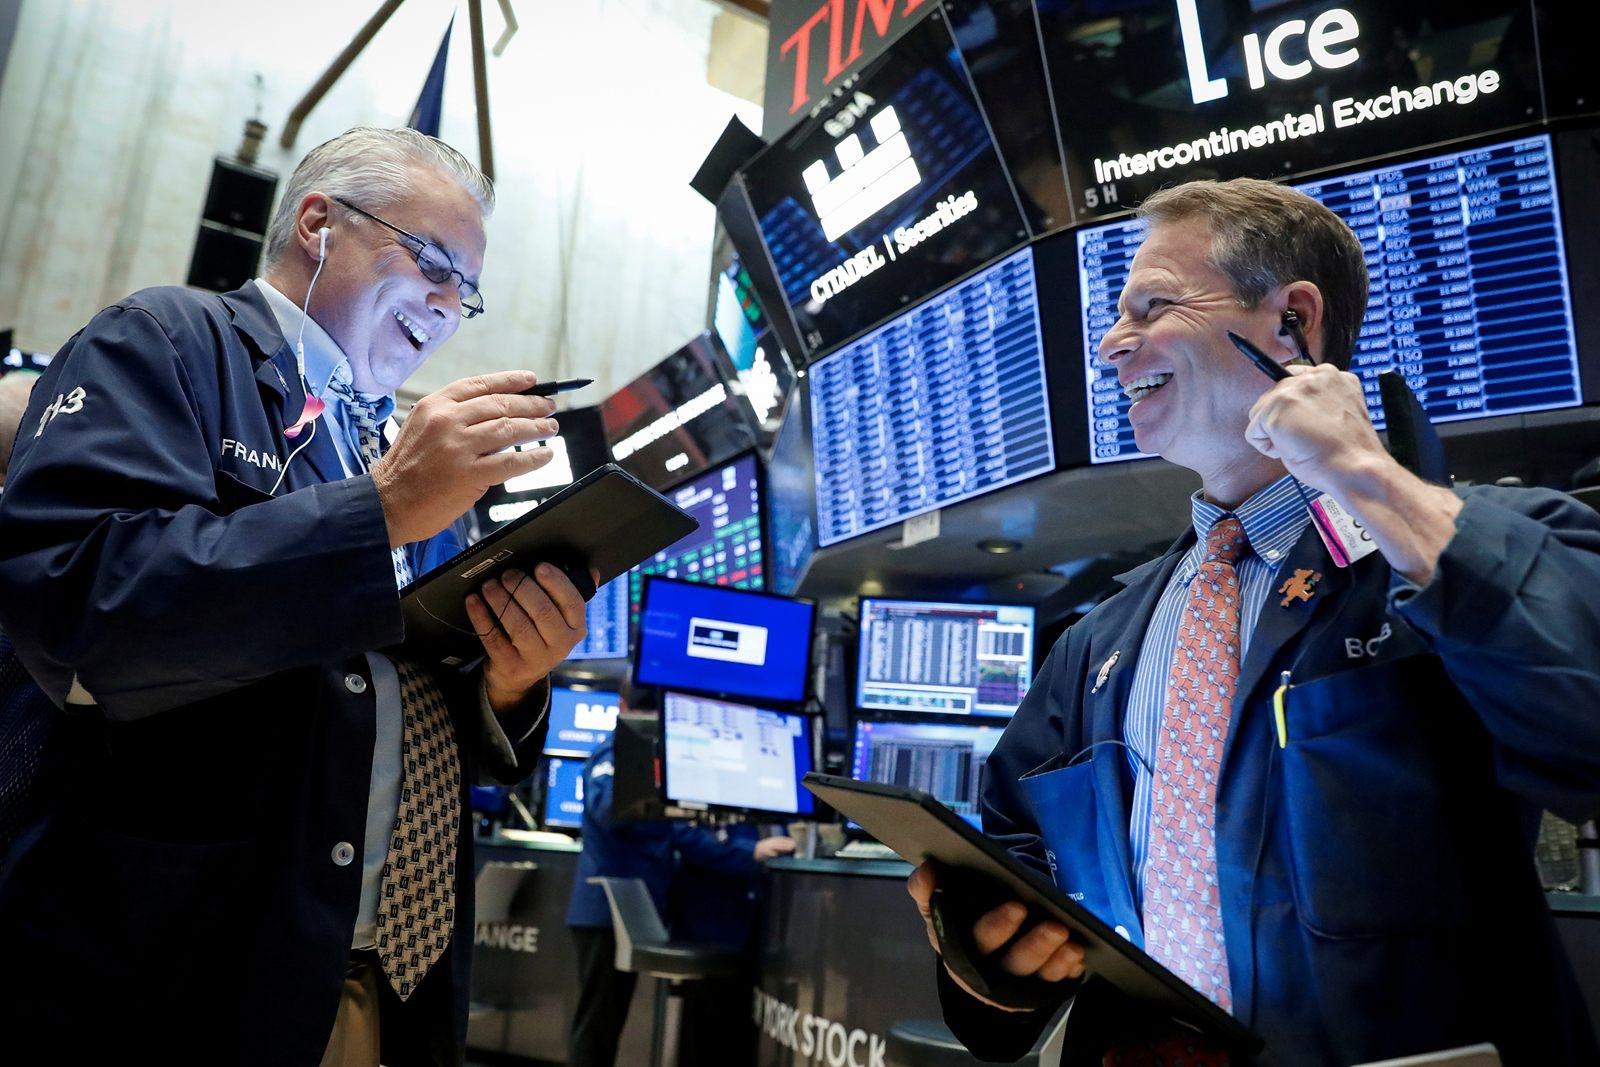 憧憬中美尽快签署第一阶段协议 美股突破历史记录